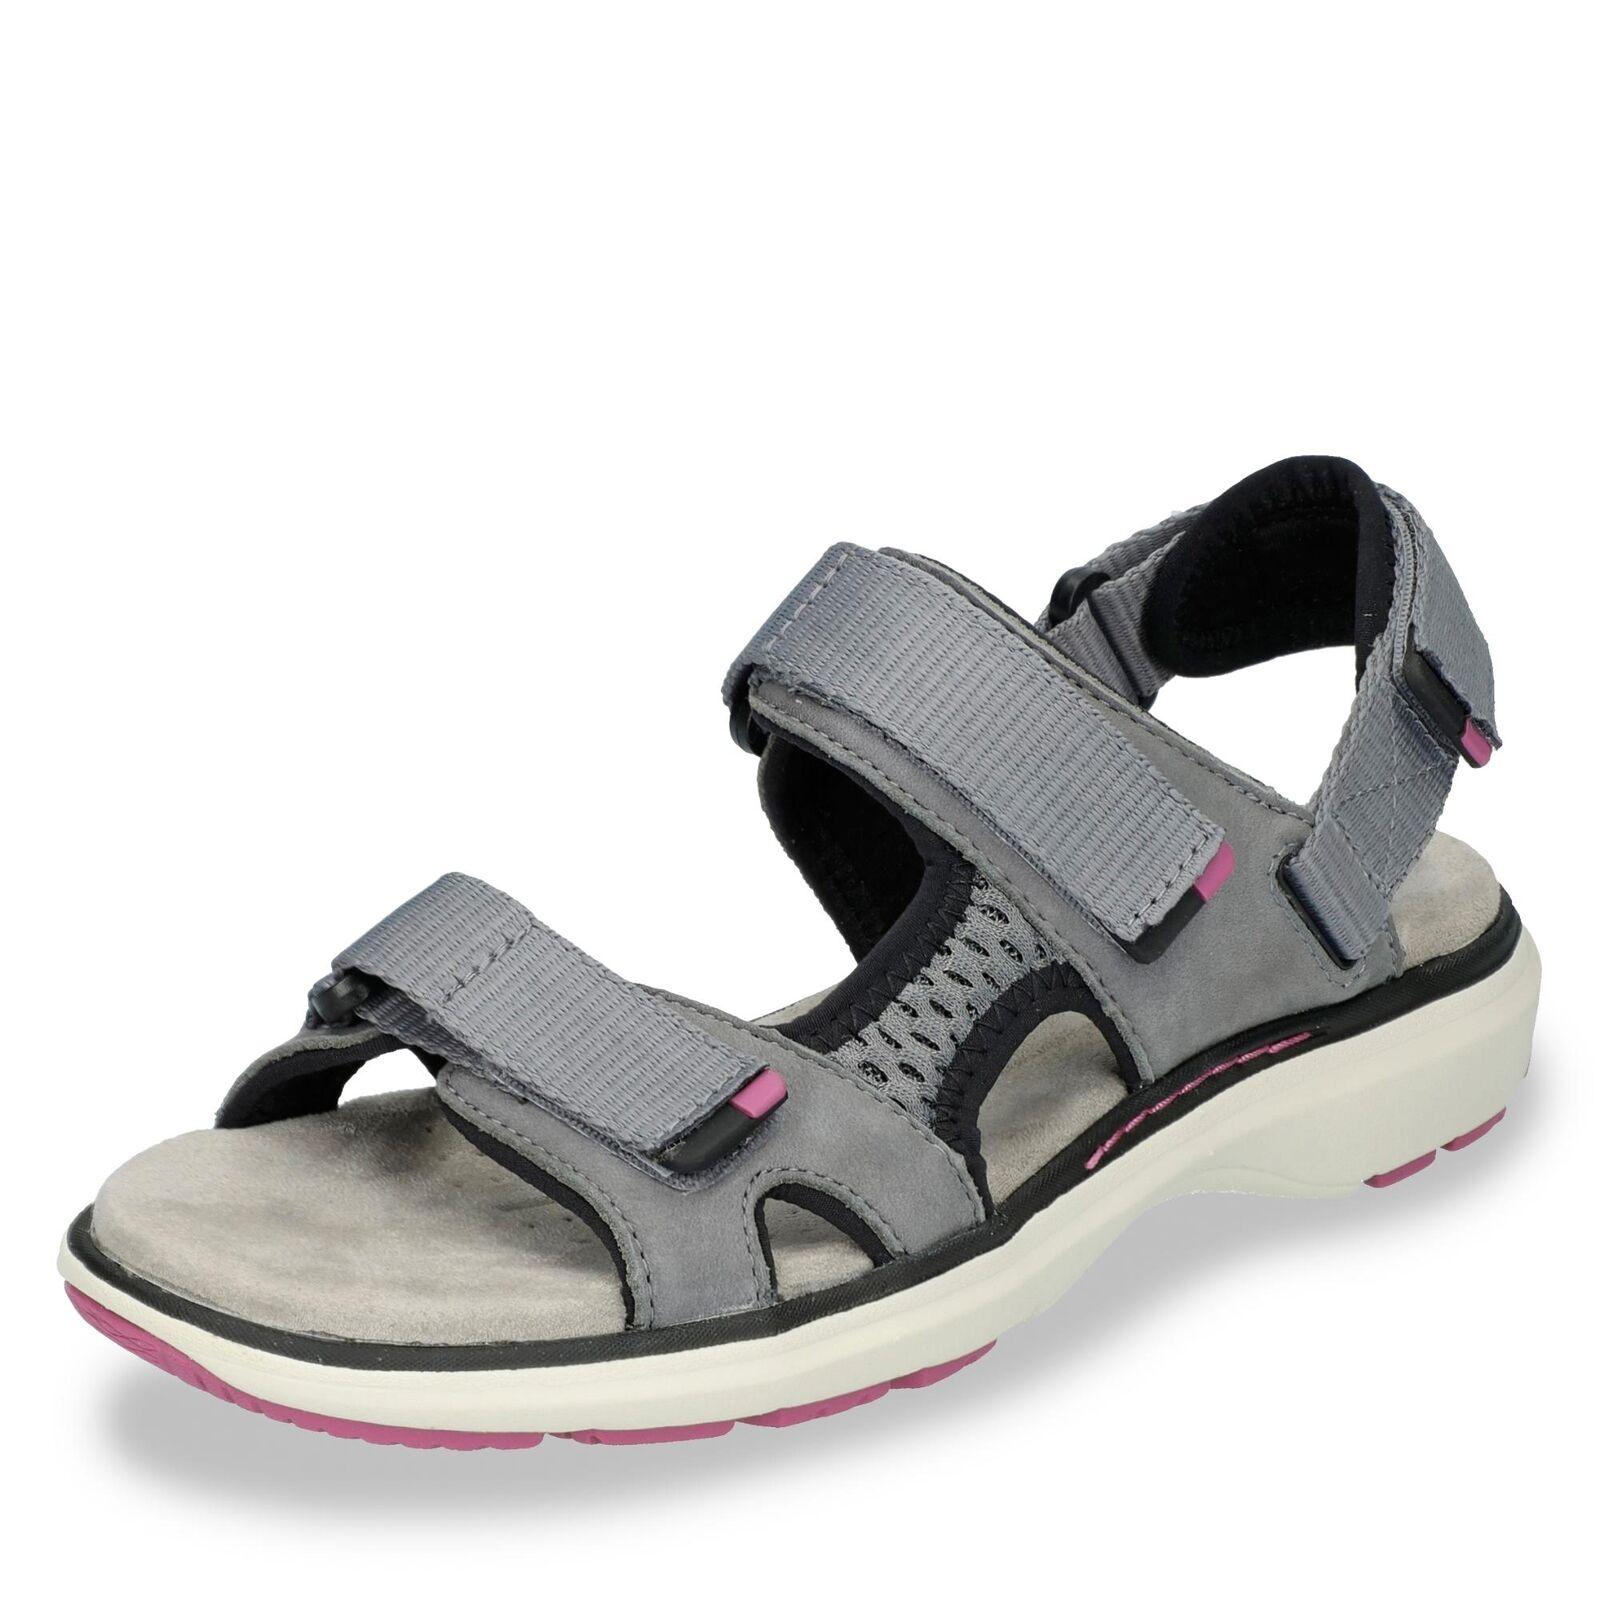 Damen Clarks Trekkingsandale Sommerschuhe grau Schuhe Leder